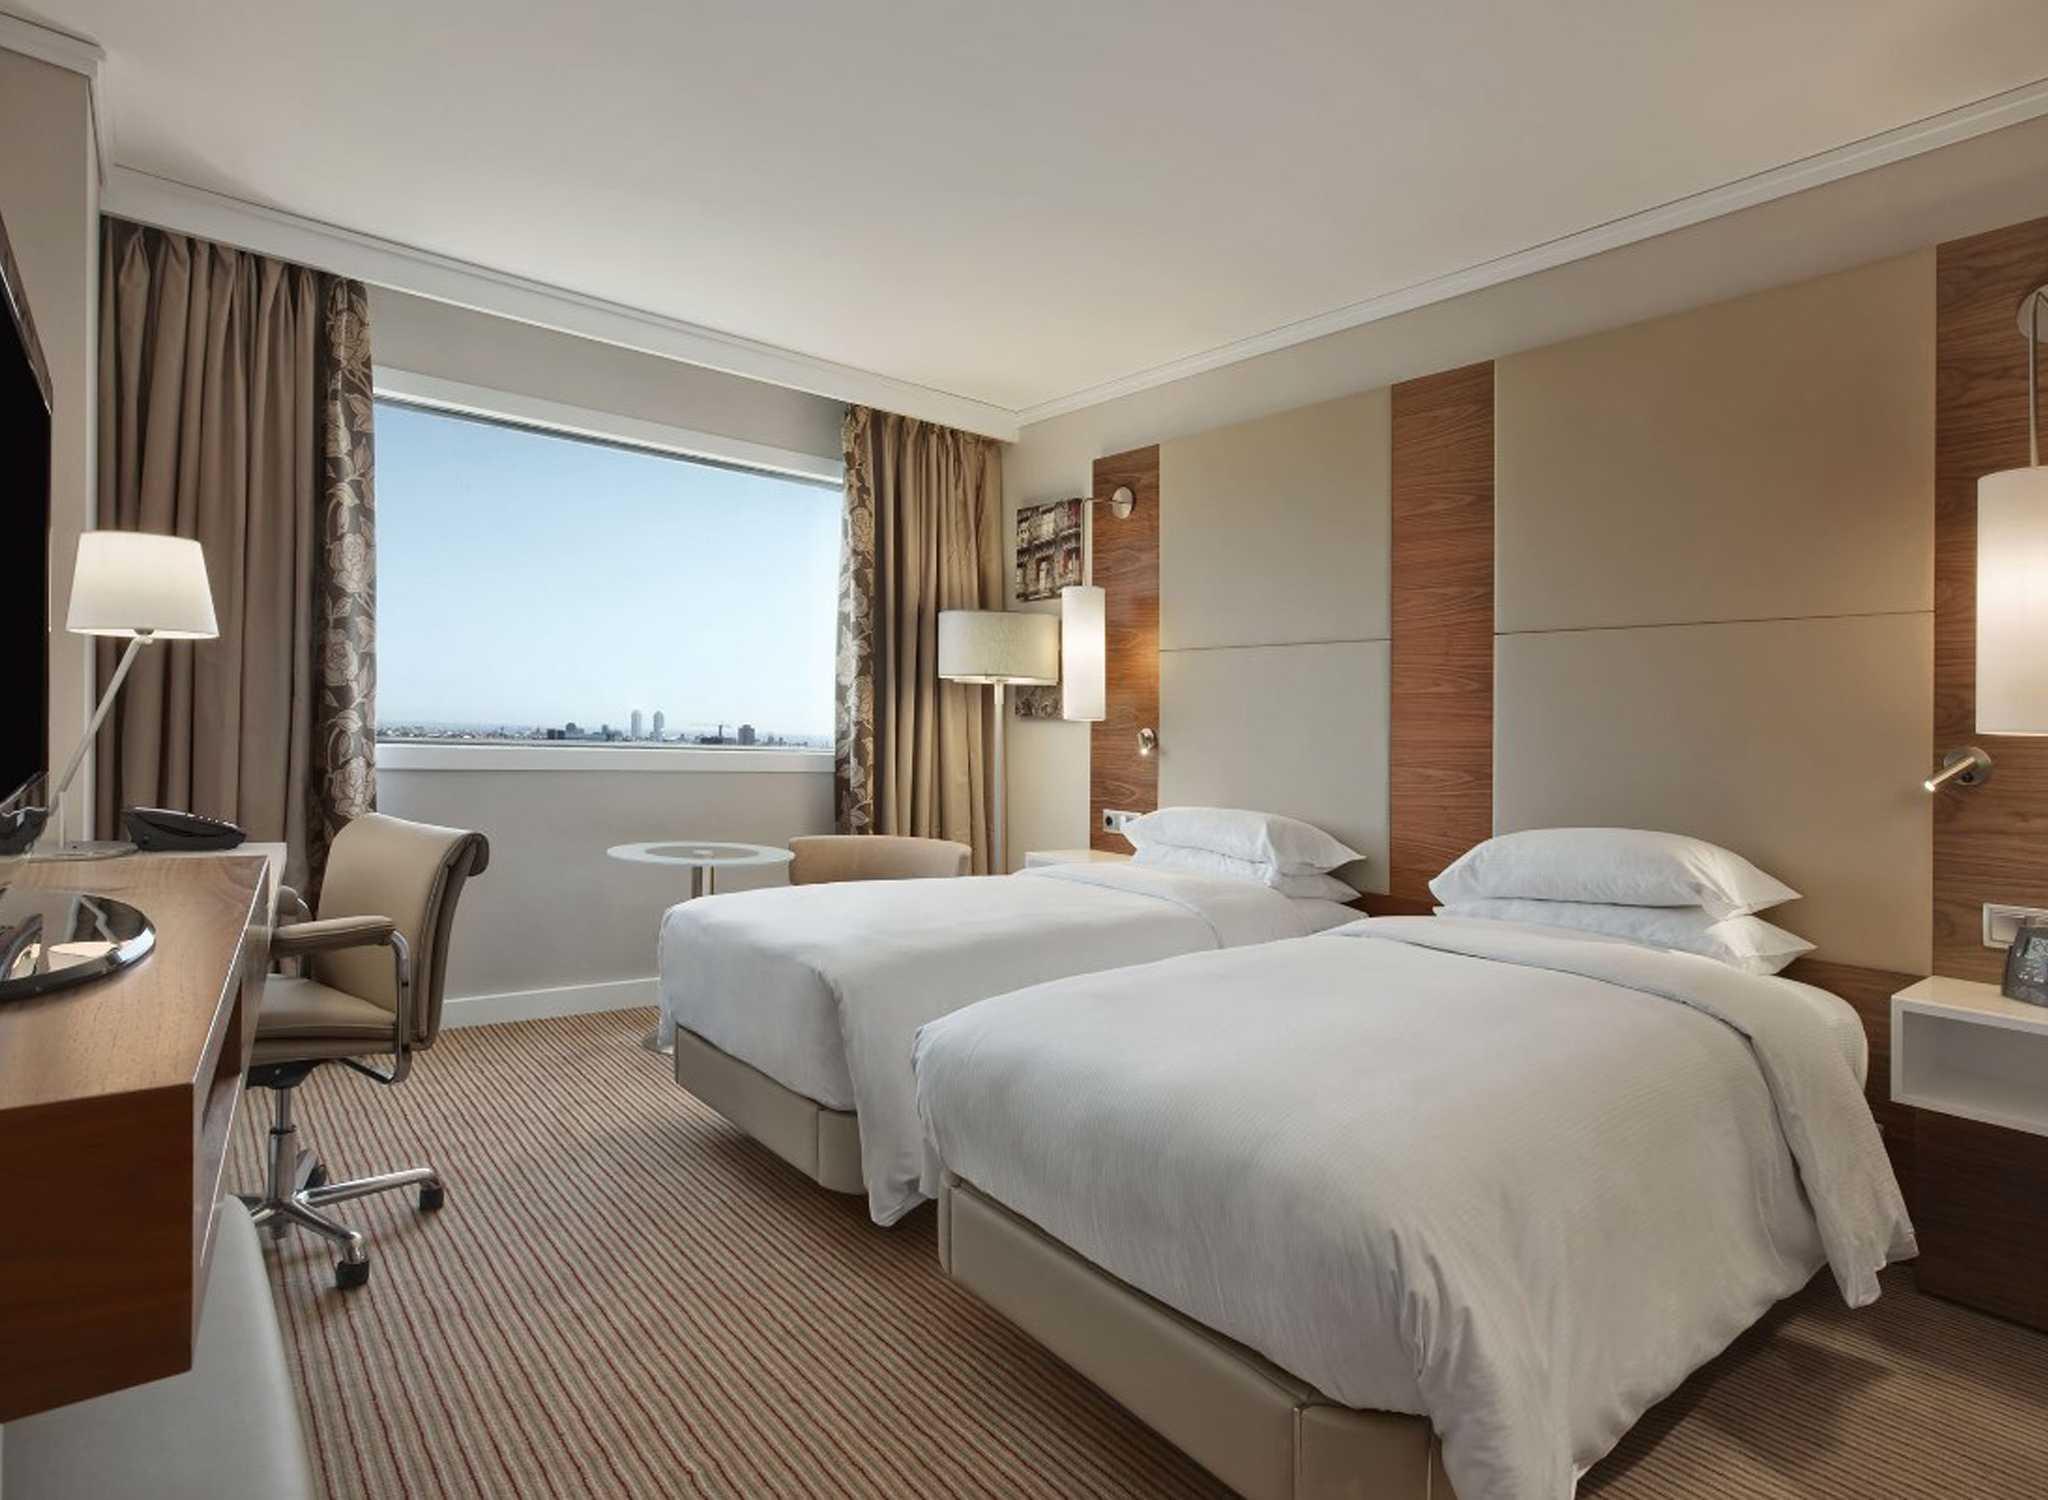 Alojamiento en el centro de la ciudad de barcelona hotel for Hotels a bcn